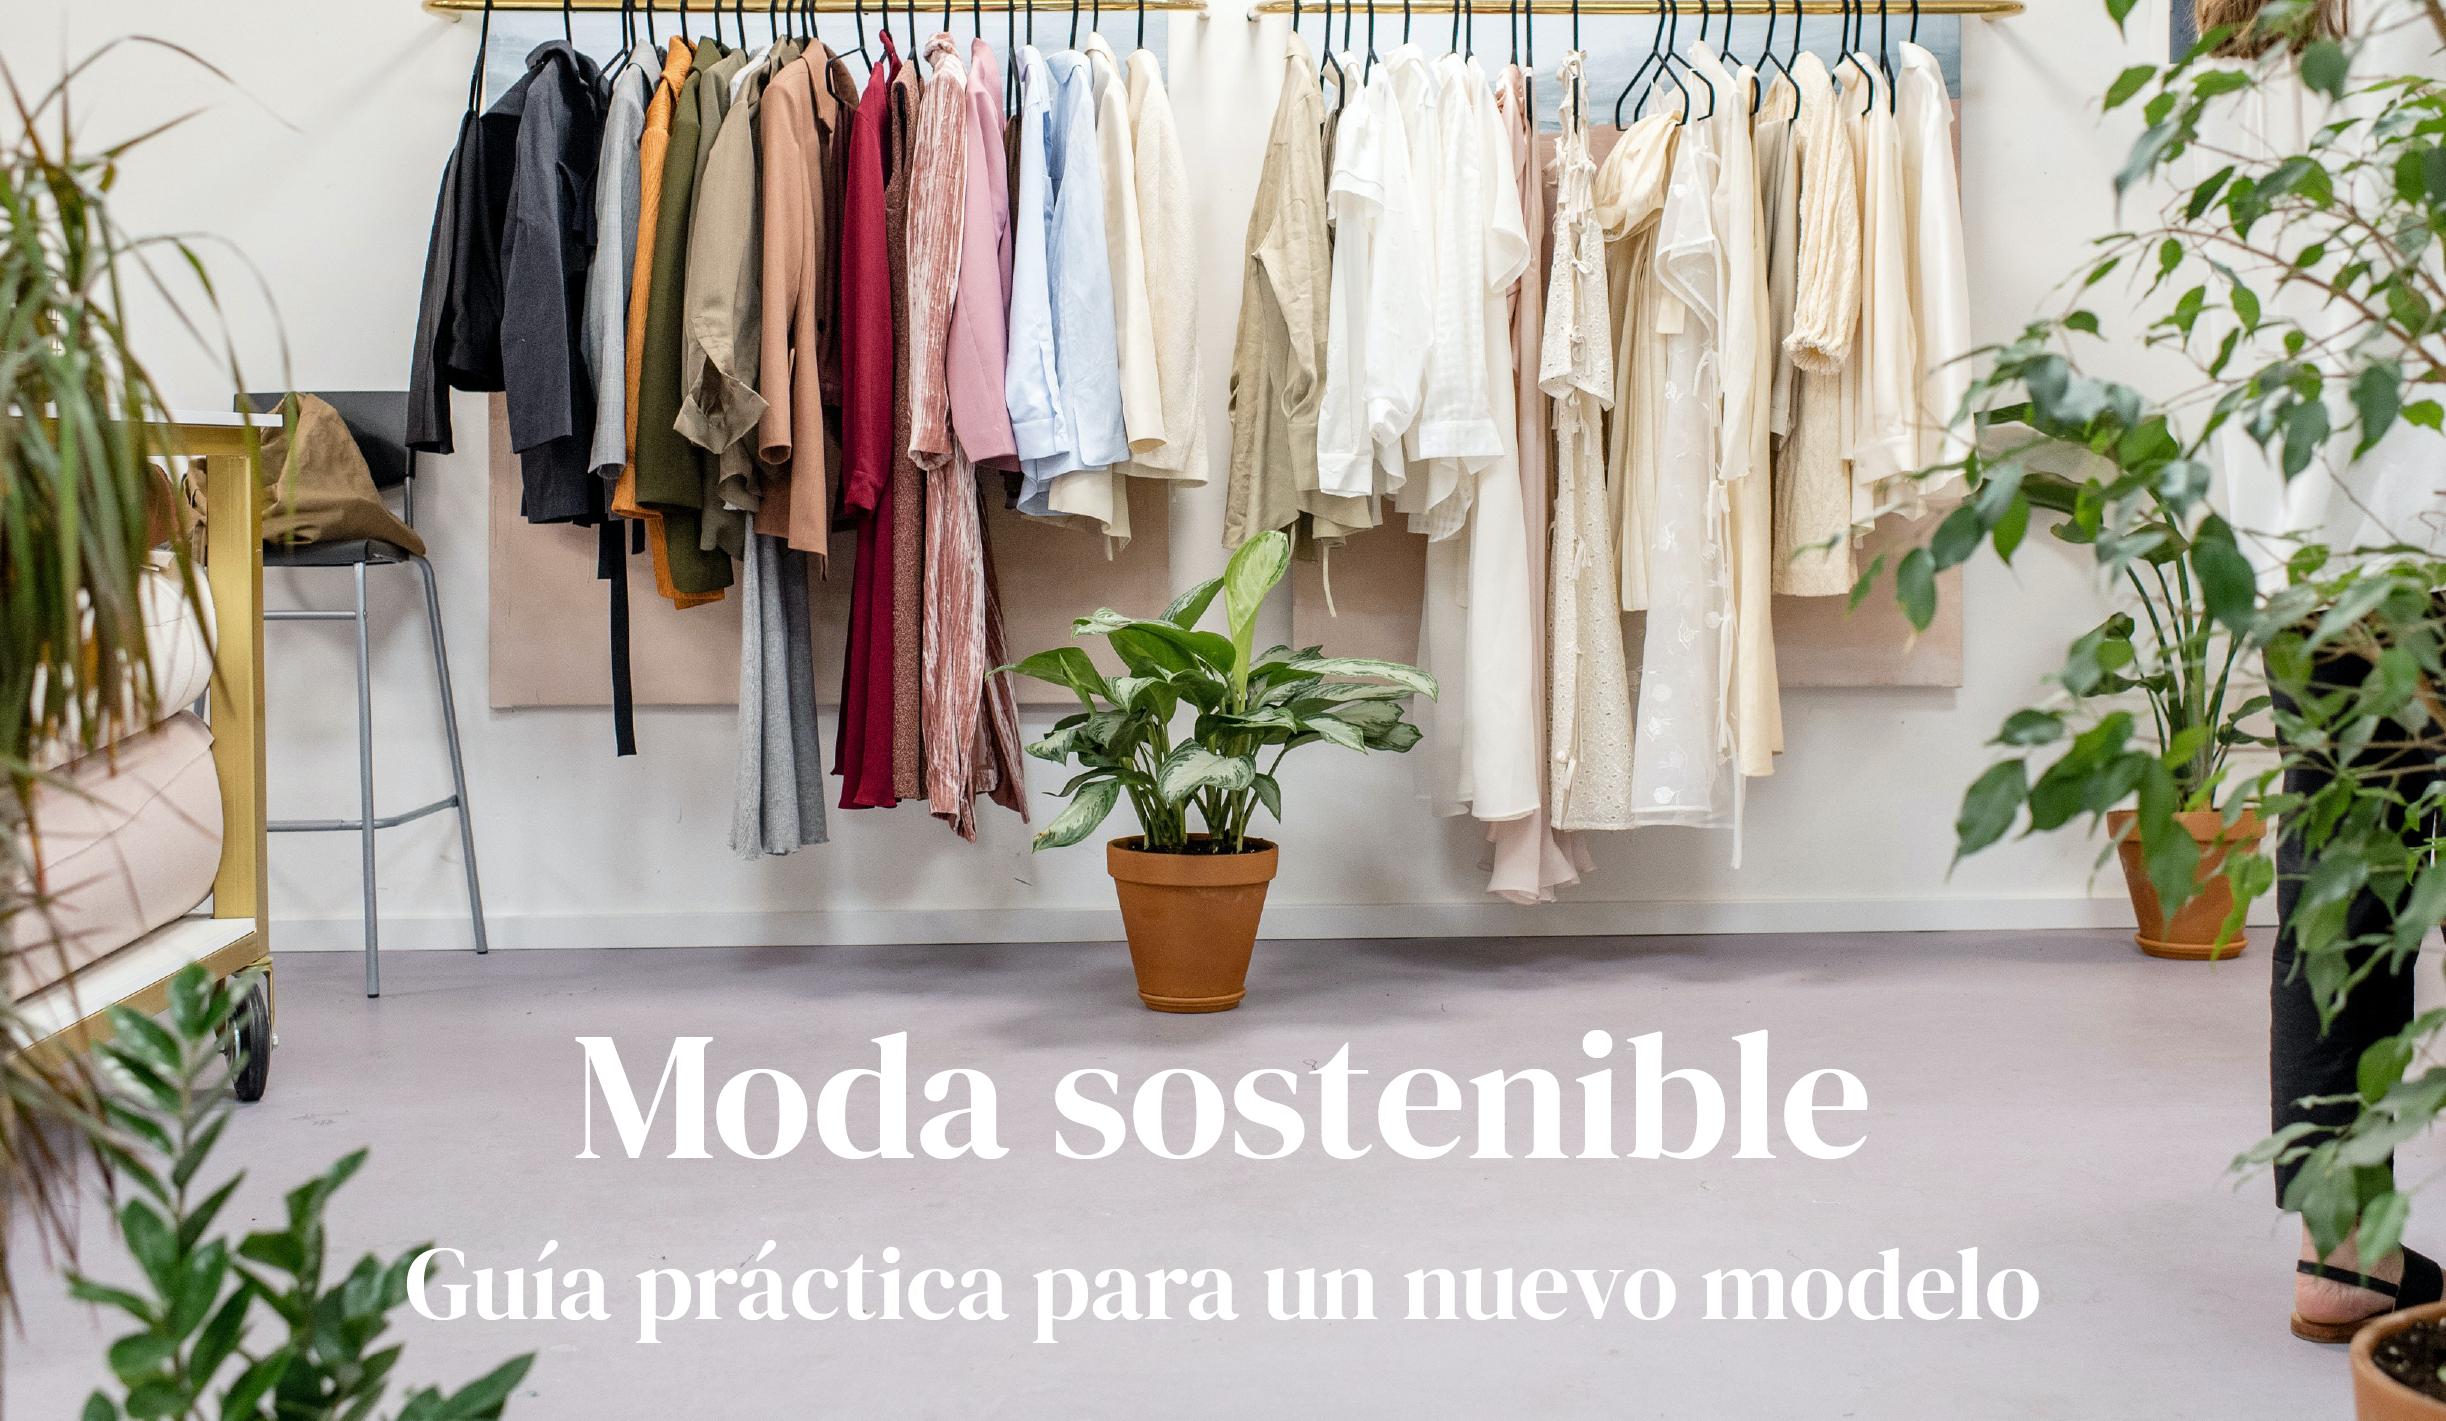 Moda Sostenible: guía práctica hacia un nuevo modelo.